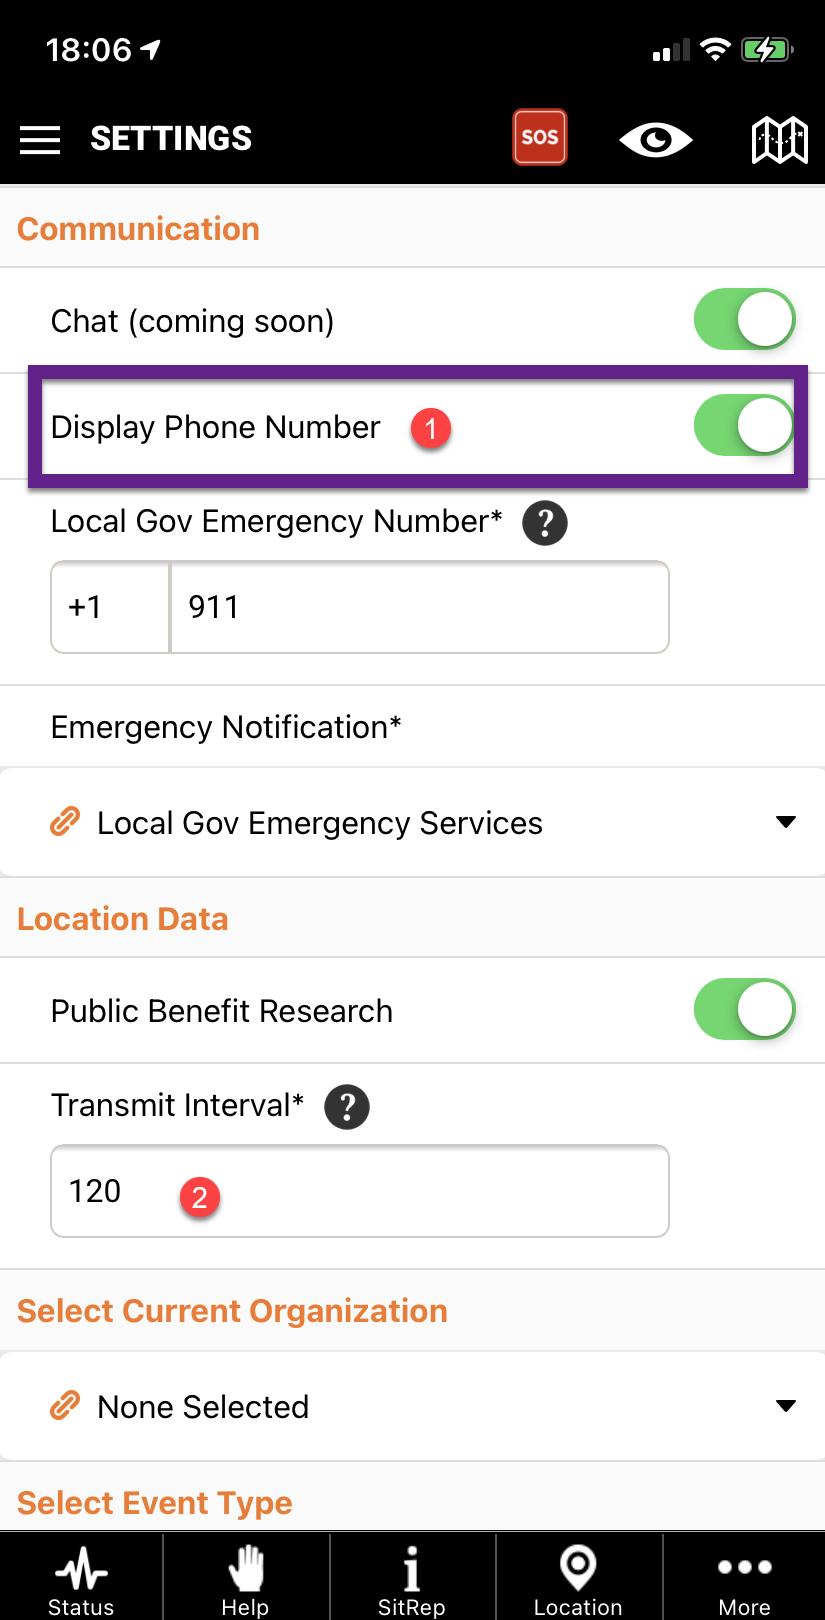 Pubsafe public safety mobile app user information